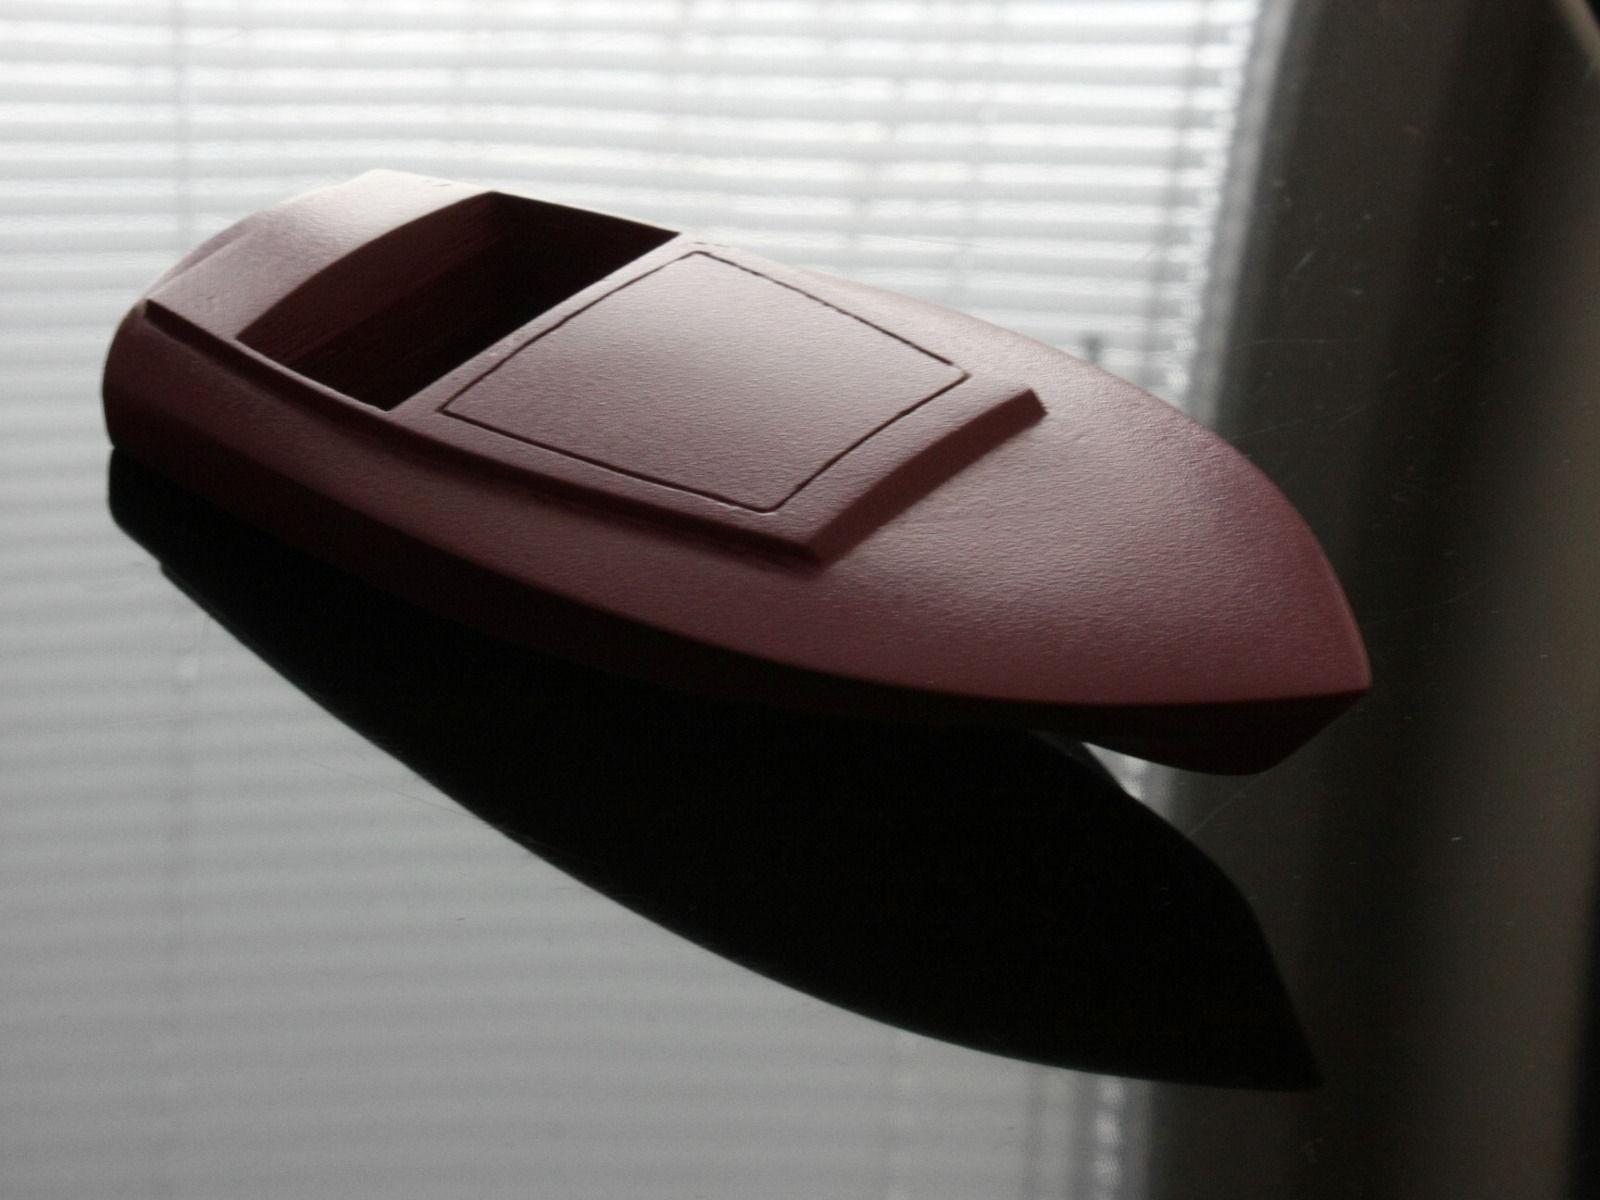 Glen-L Gentry motorboat scale model